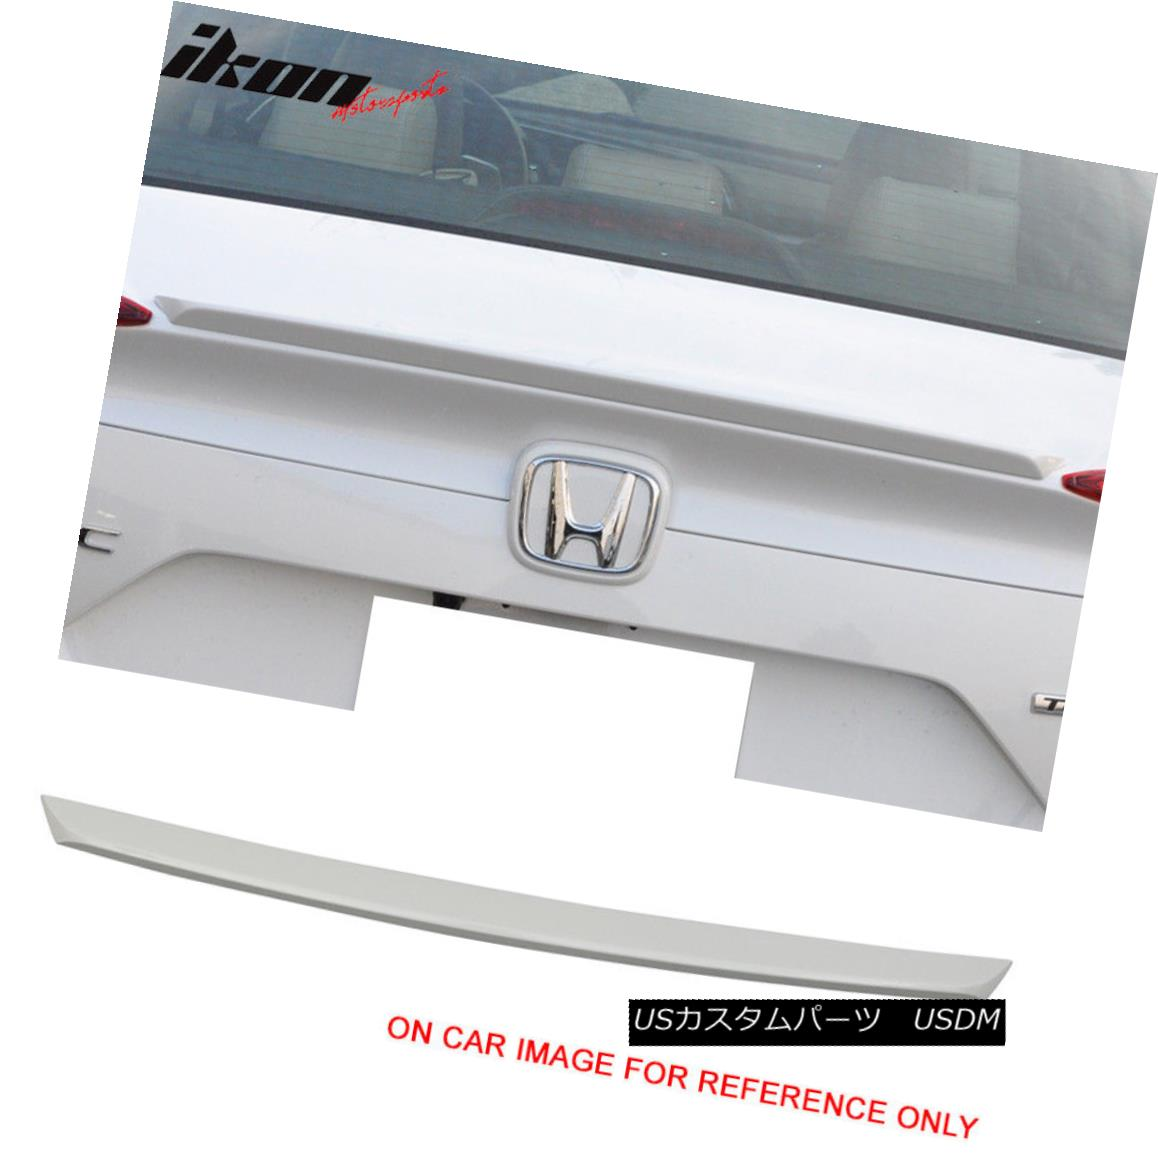 エアロパーツ 16-18 Honda Civic X Sedan OE Trunk Spoiler Painted #NH788P White Orchid Pearl 16-18ホンダシビックXセダンOEトランクスポイラー#NH788Pホワイトオーキッドパール